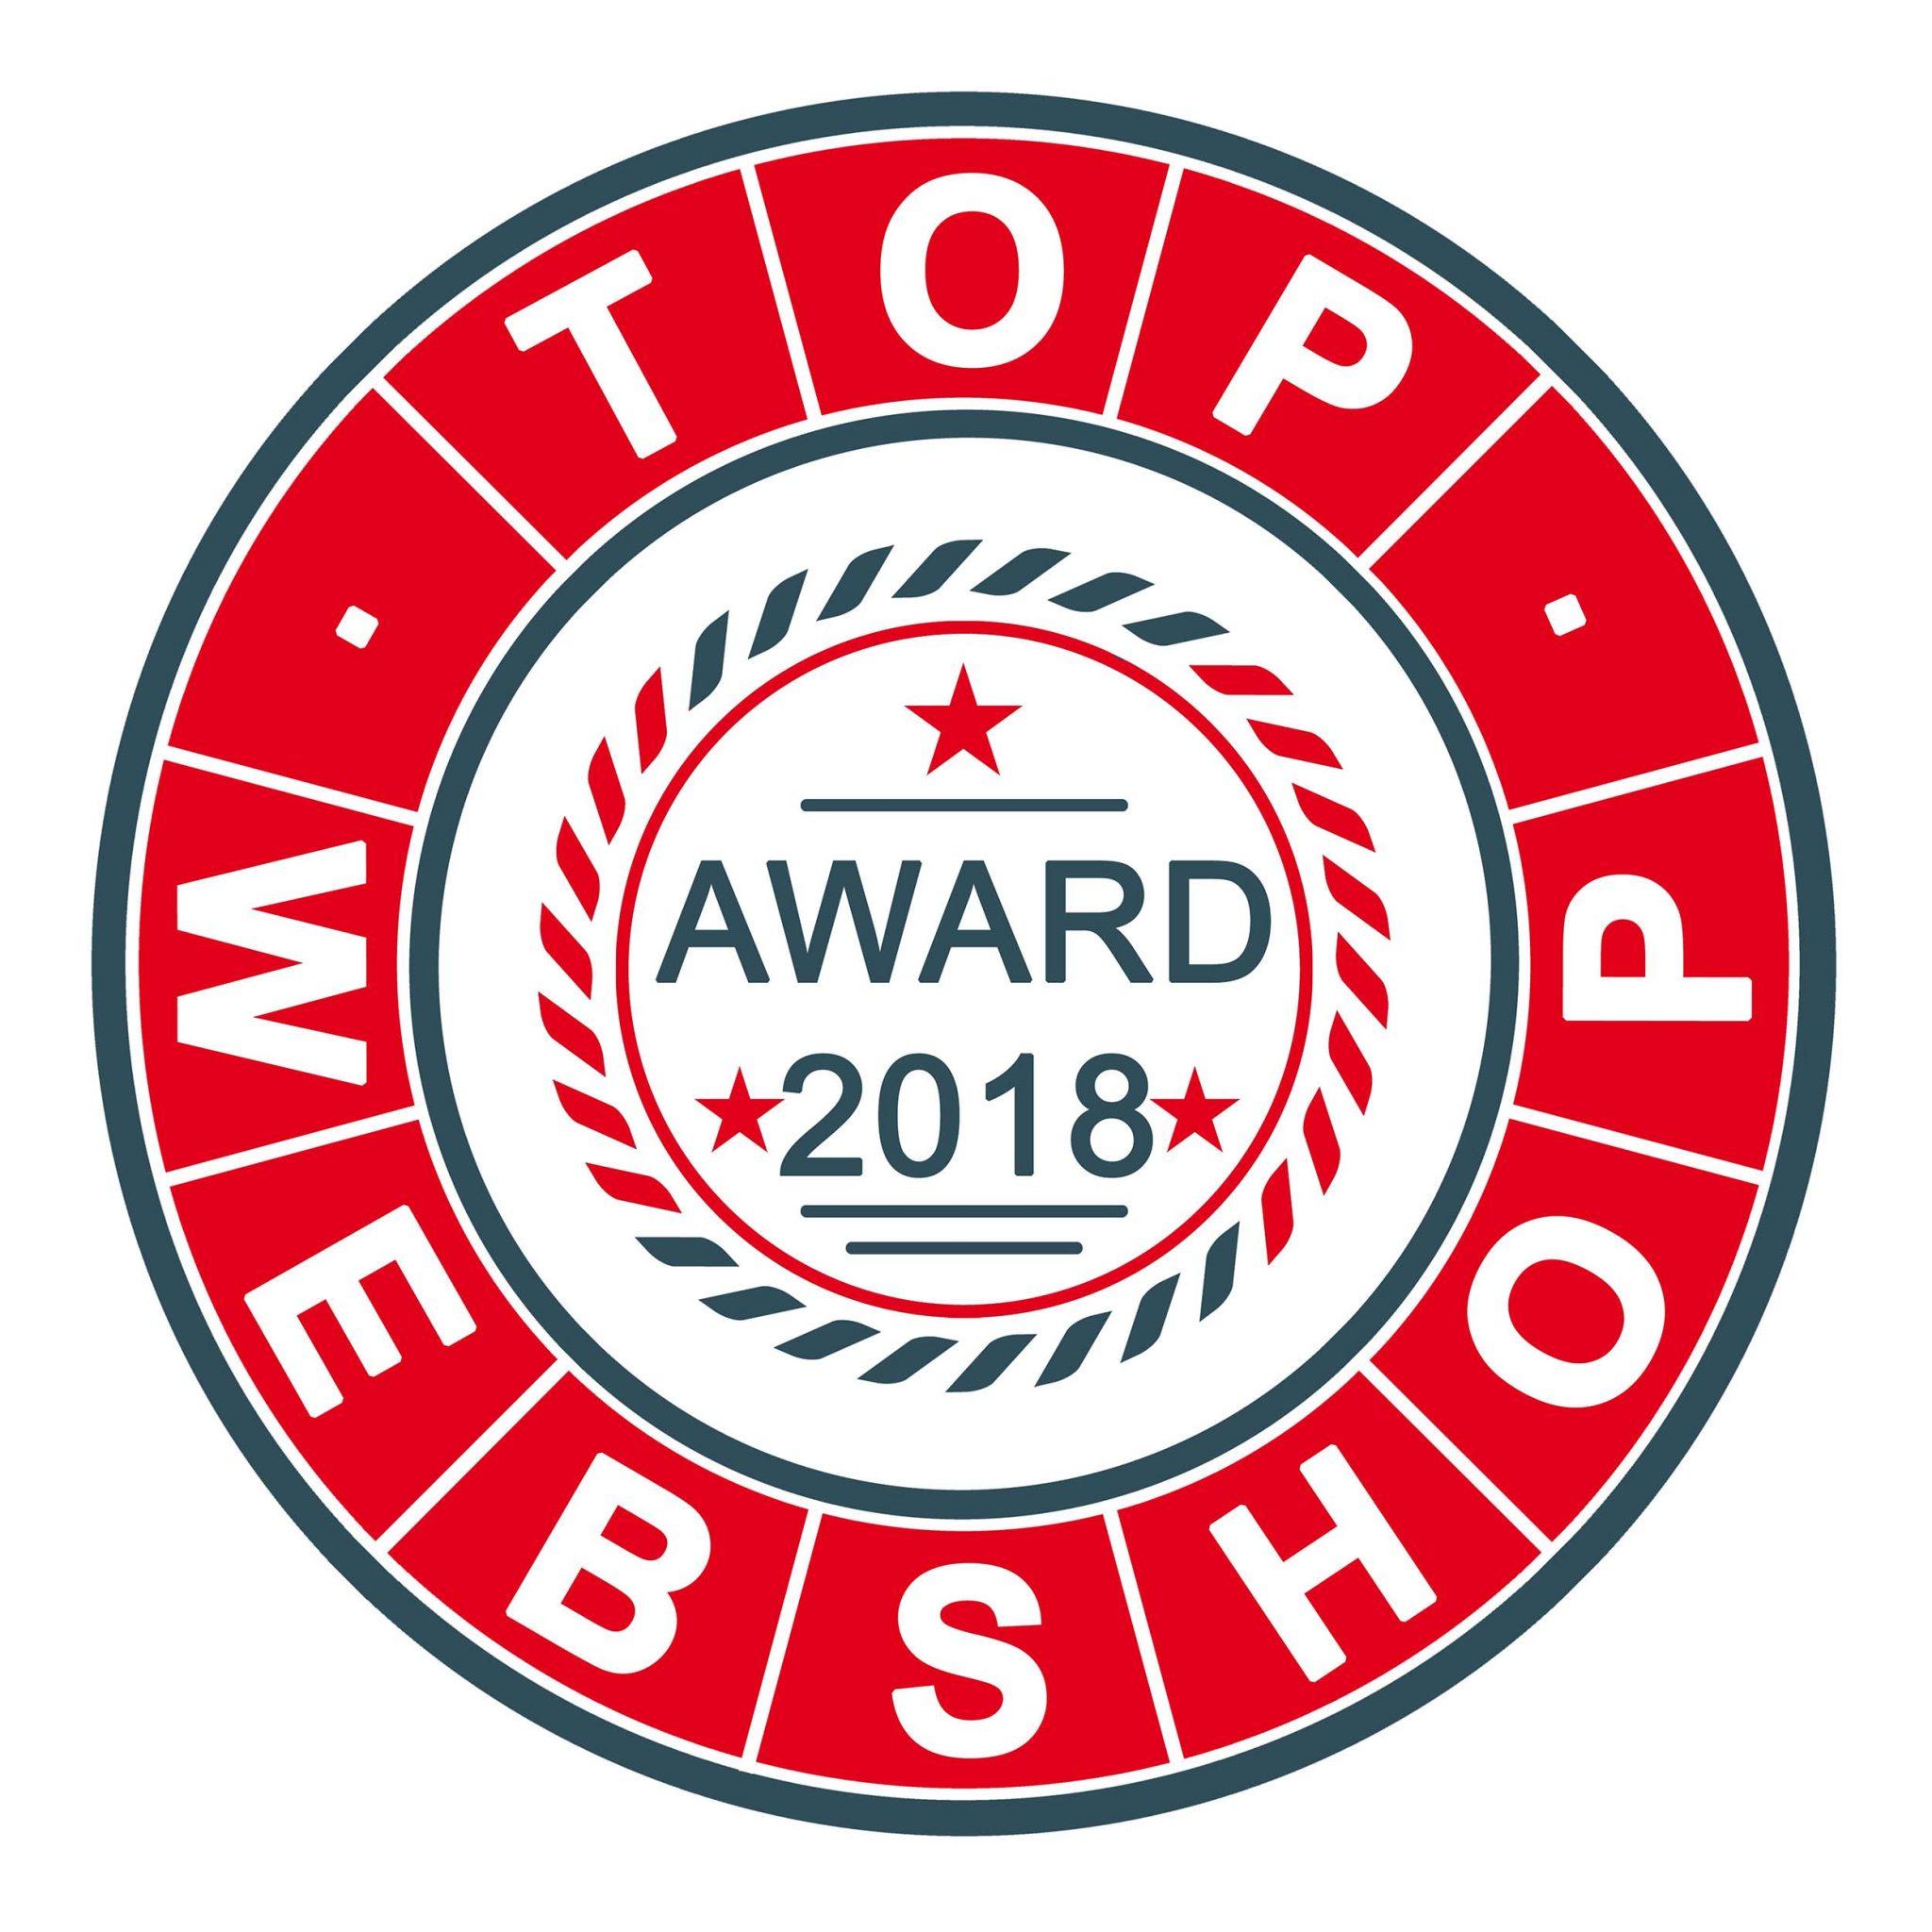 Topf of Webshop Gold für die Tischlerei Schröcker